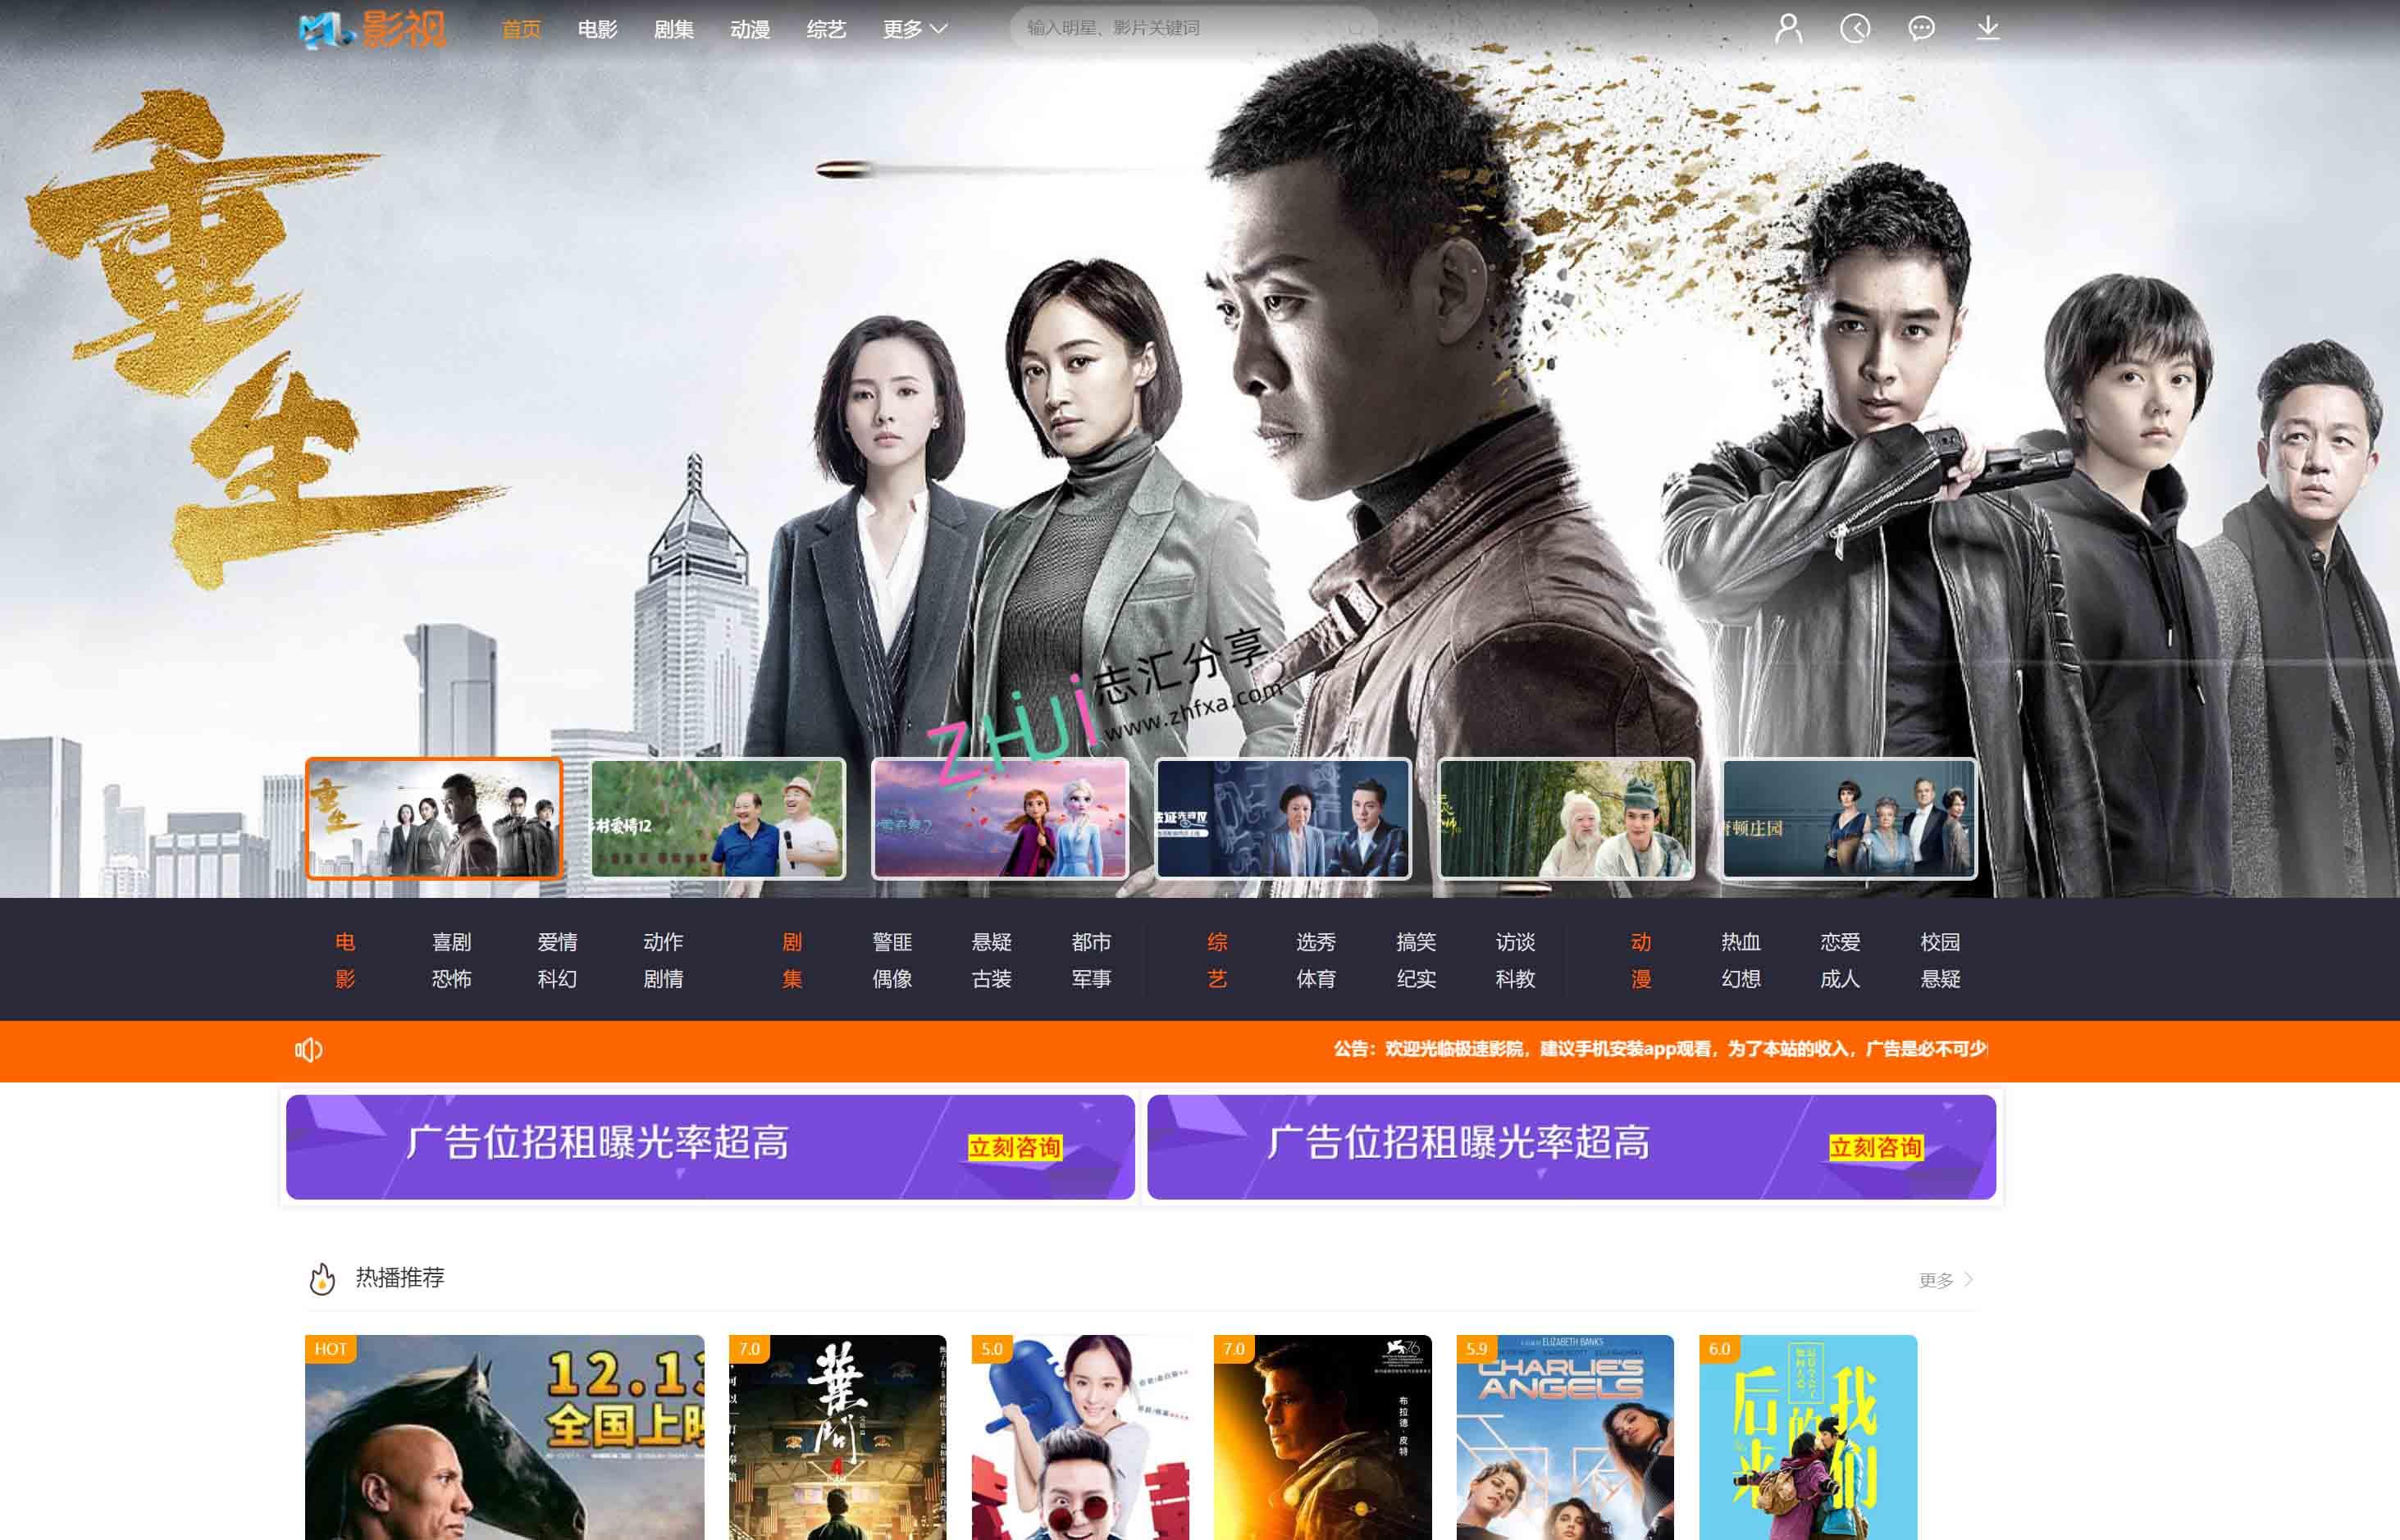 202003月版MKCMS米酷影视v7.0.0电影视频网站源码附解析接口